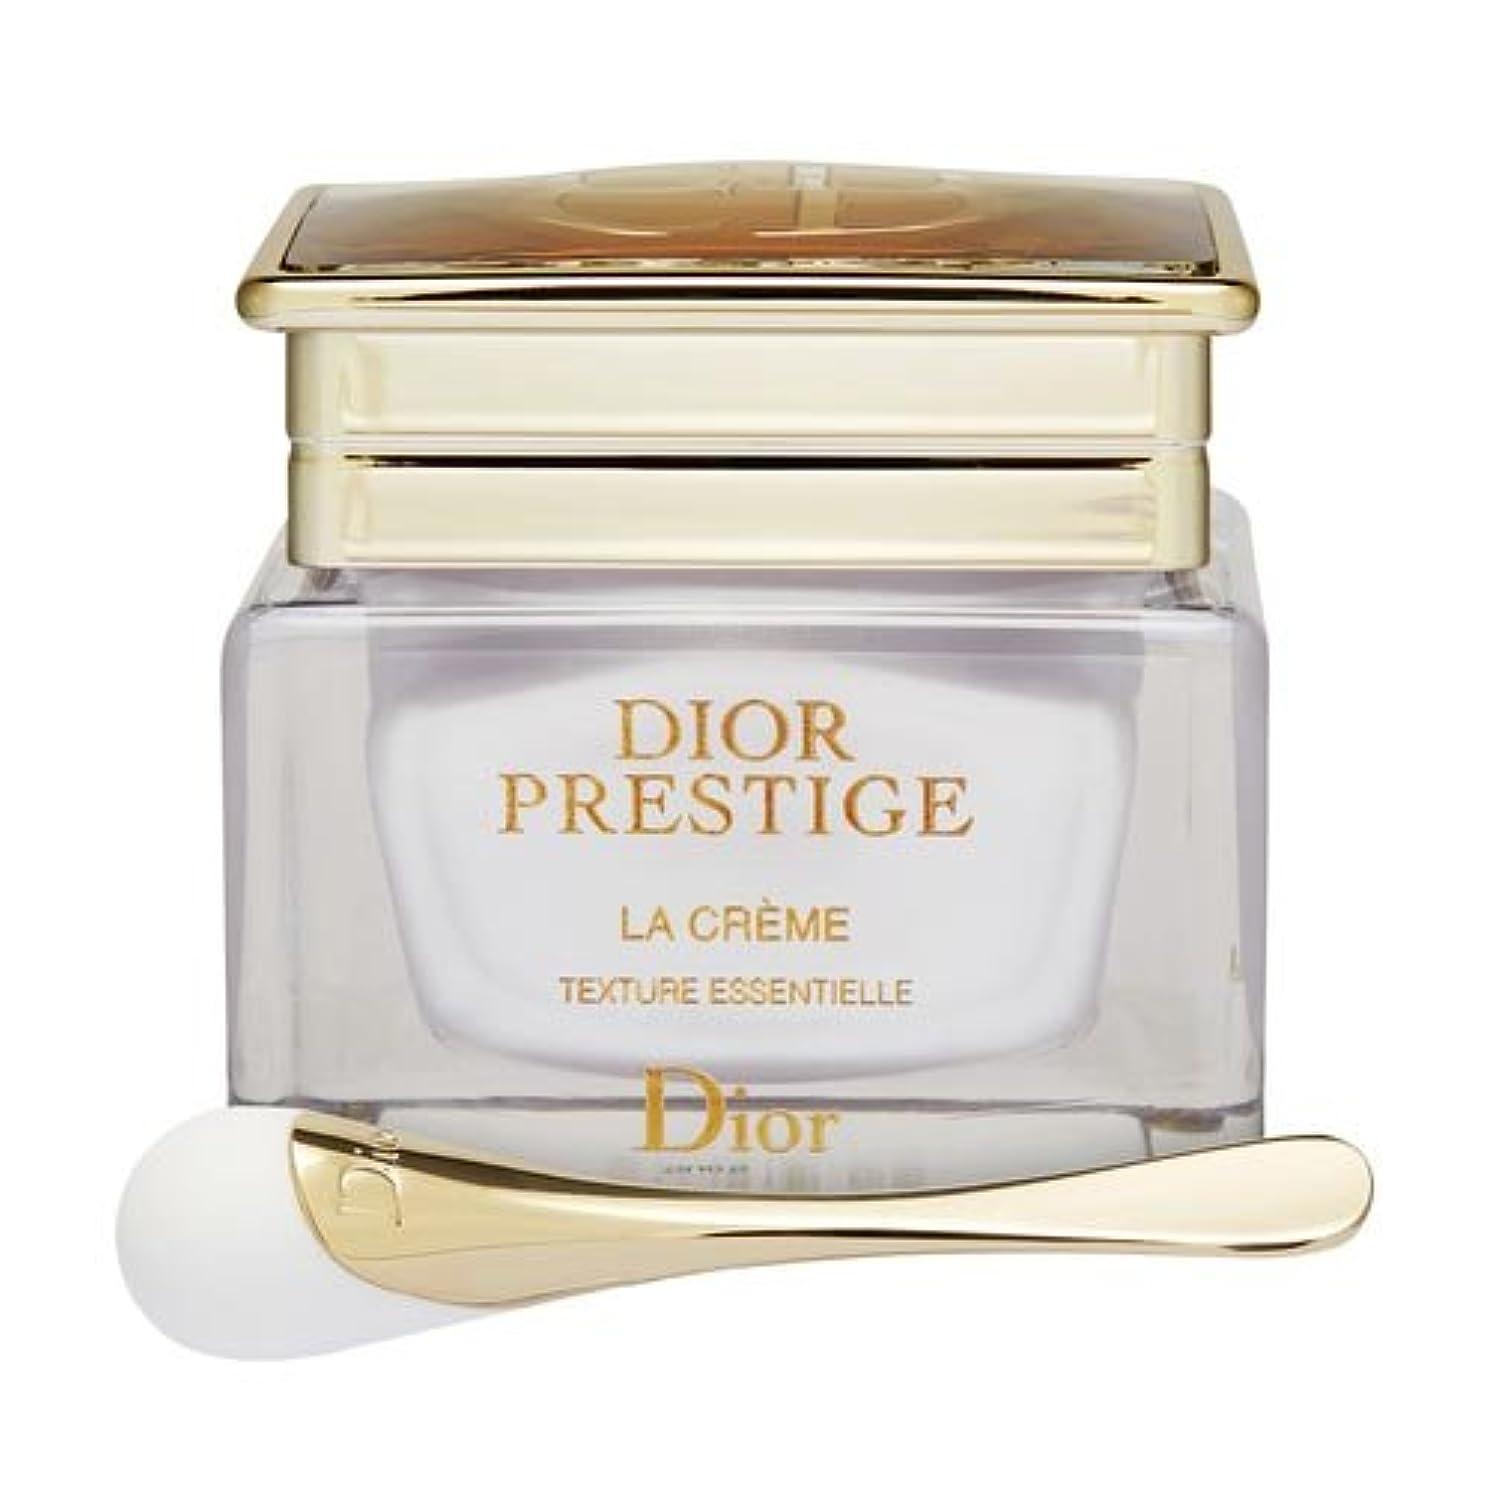 眩惑する売上高生活ディオール(Dior) プレステージ ラ クレーム 50ml[並行輸入品]